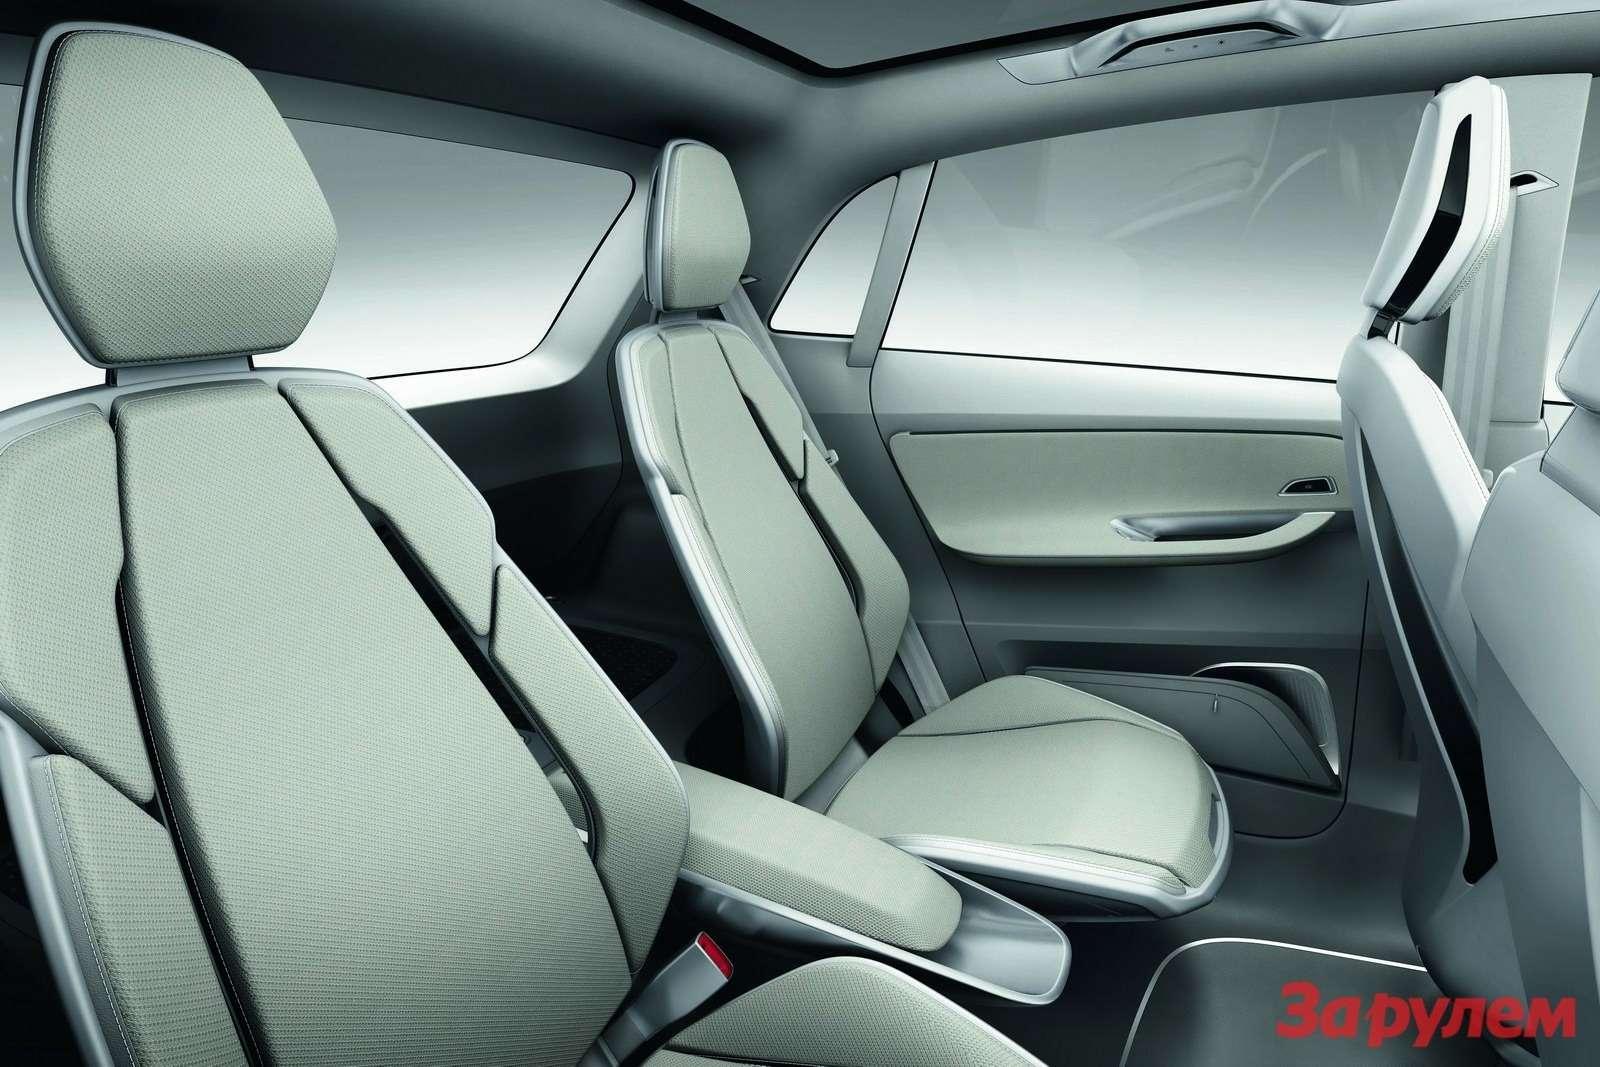 Audi_A2-Concept-19